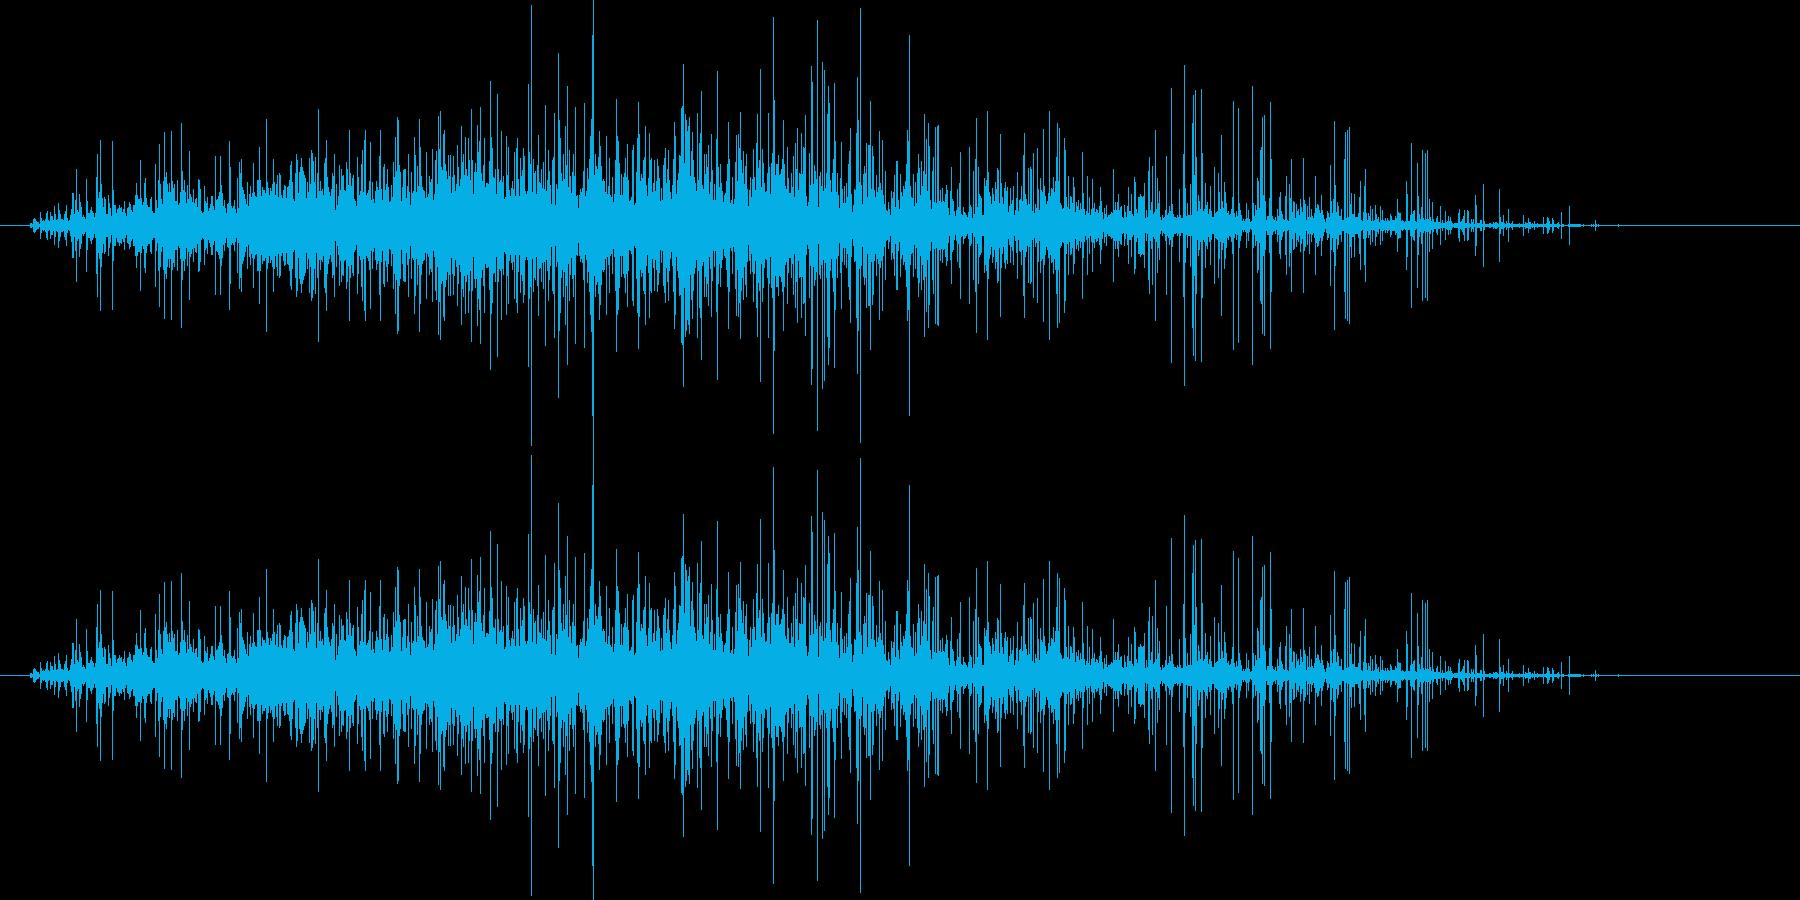 ごろごろガラガラ 瓦礫が崩れる音1の再生済みの波形